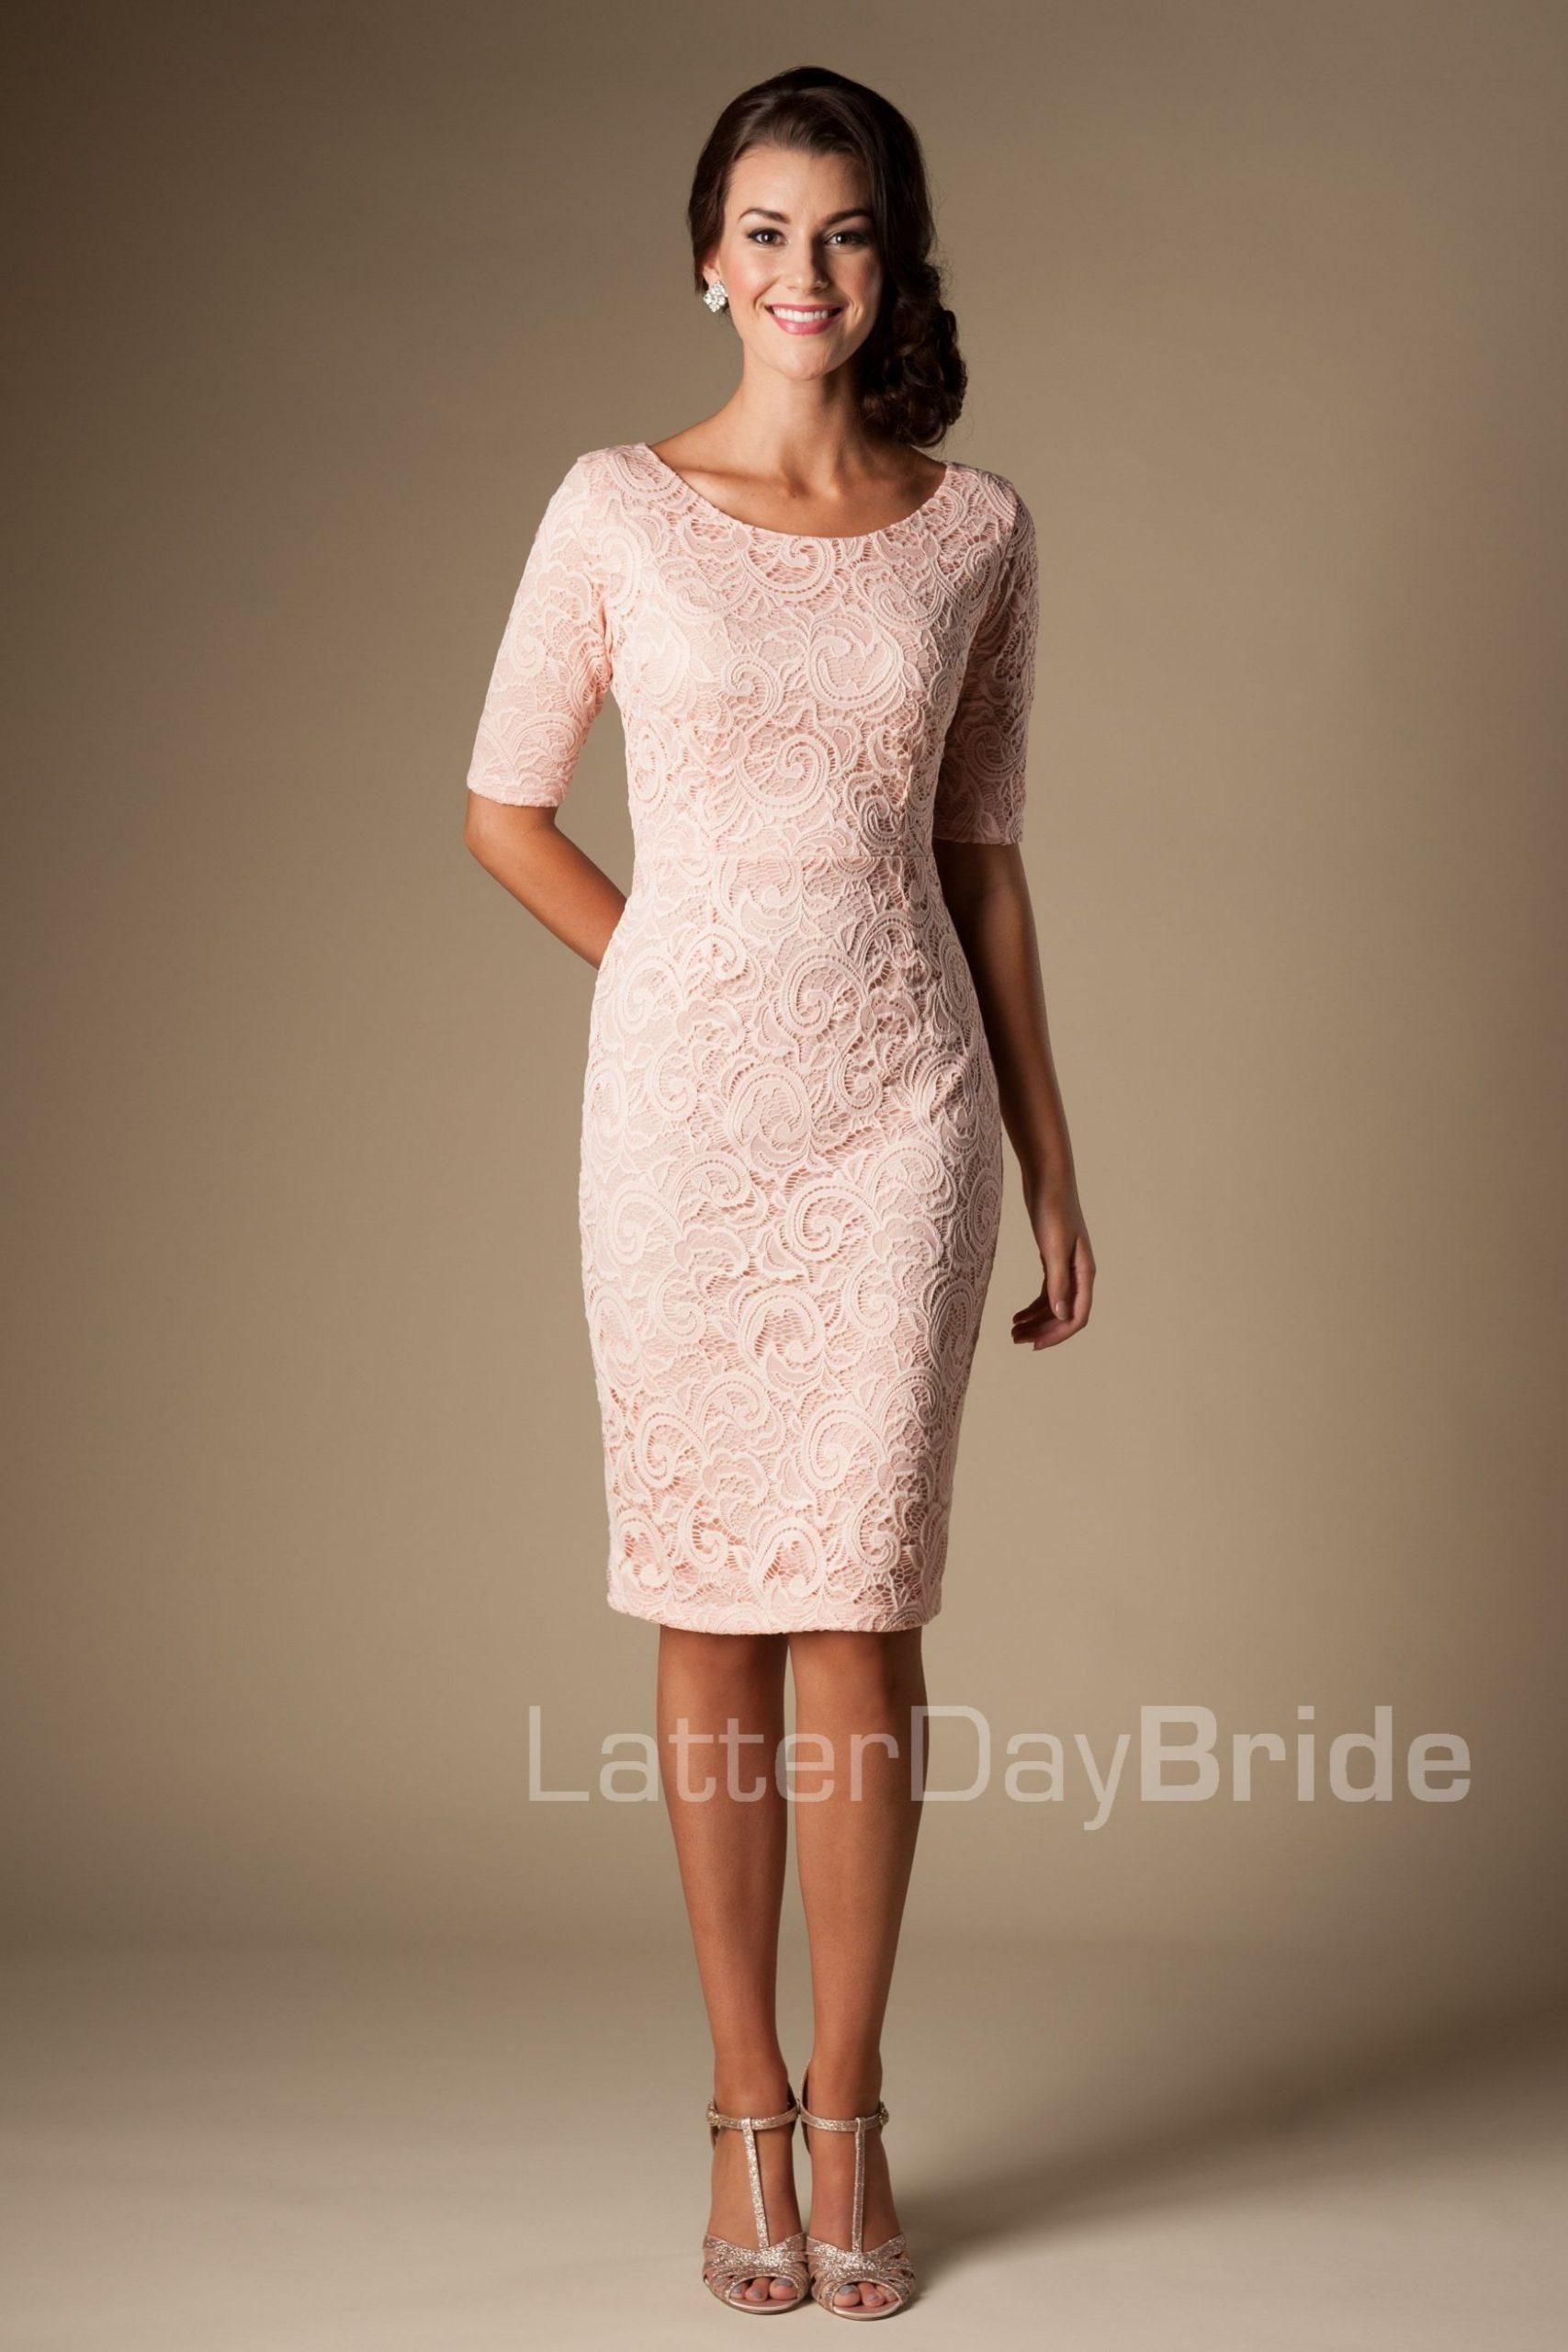 Elegant Abendkleider Hochzeitsgast Ärmel20 Genial Abendkleider Hochzeitsgast Design